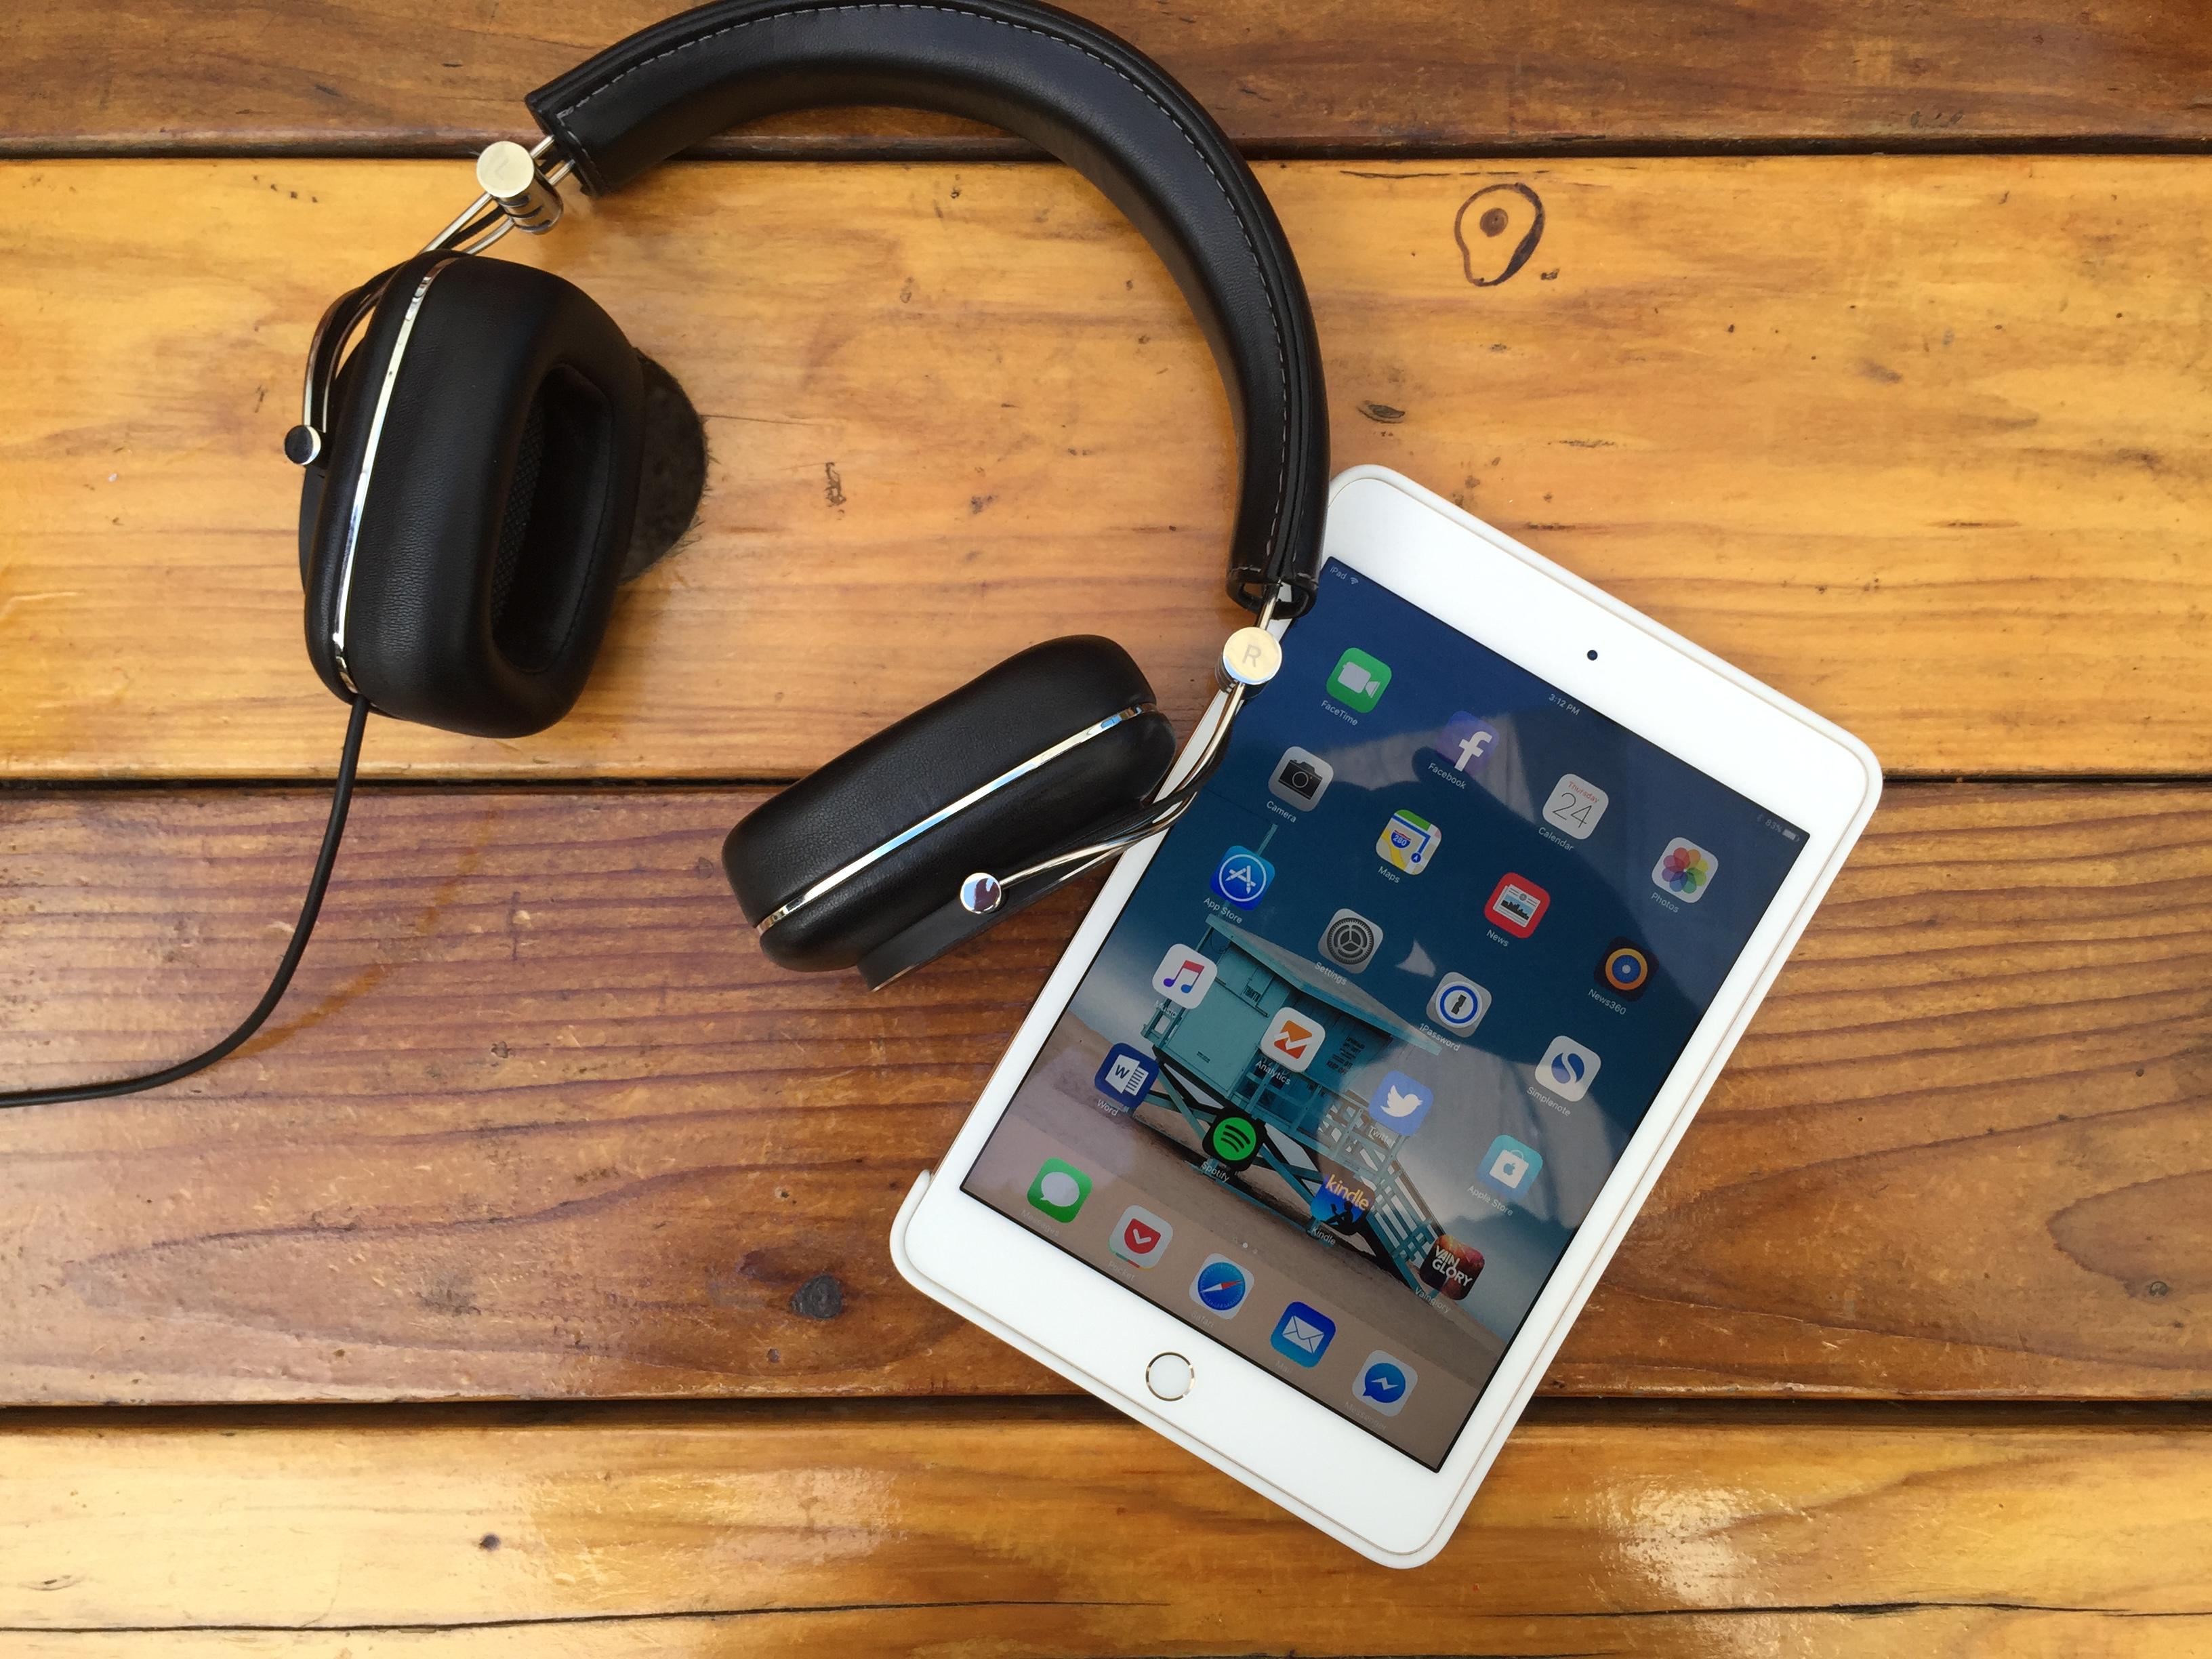 iPad mini 4 er kjappere i år, samt tynnere og lettere, men det skulle bare mangle, dessuten mangler årets modell 3D Touch og bedre Touch ID. Likevel: Et svært godt produkt du blir glad i.